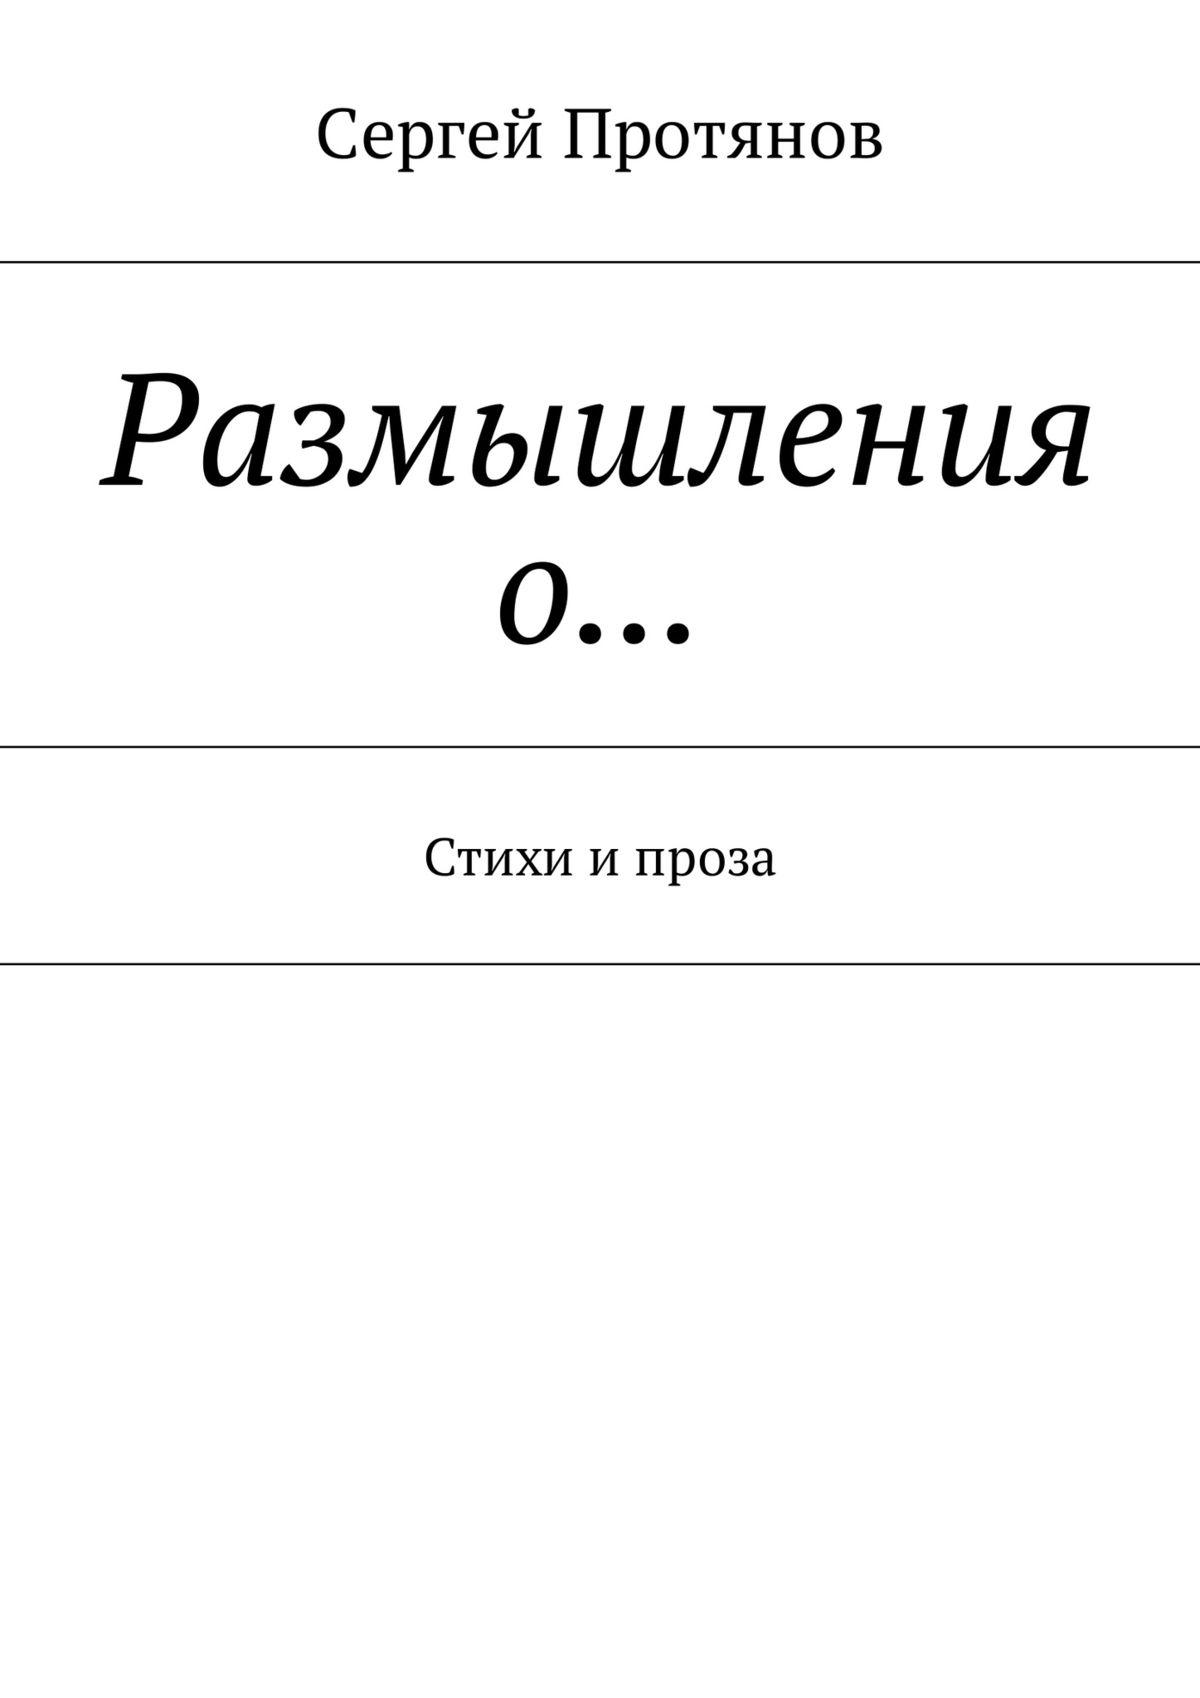 Сергей Протянов Размышления о… Стихи ипроза